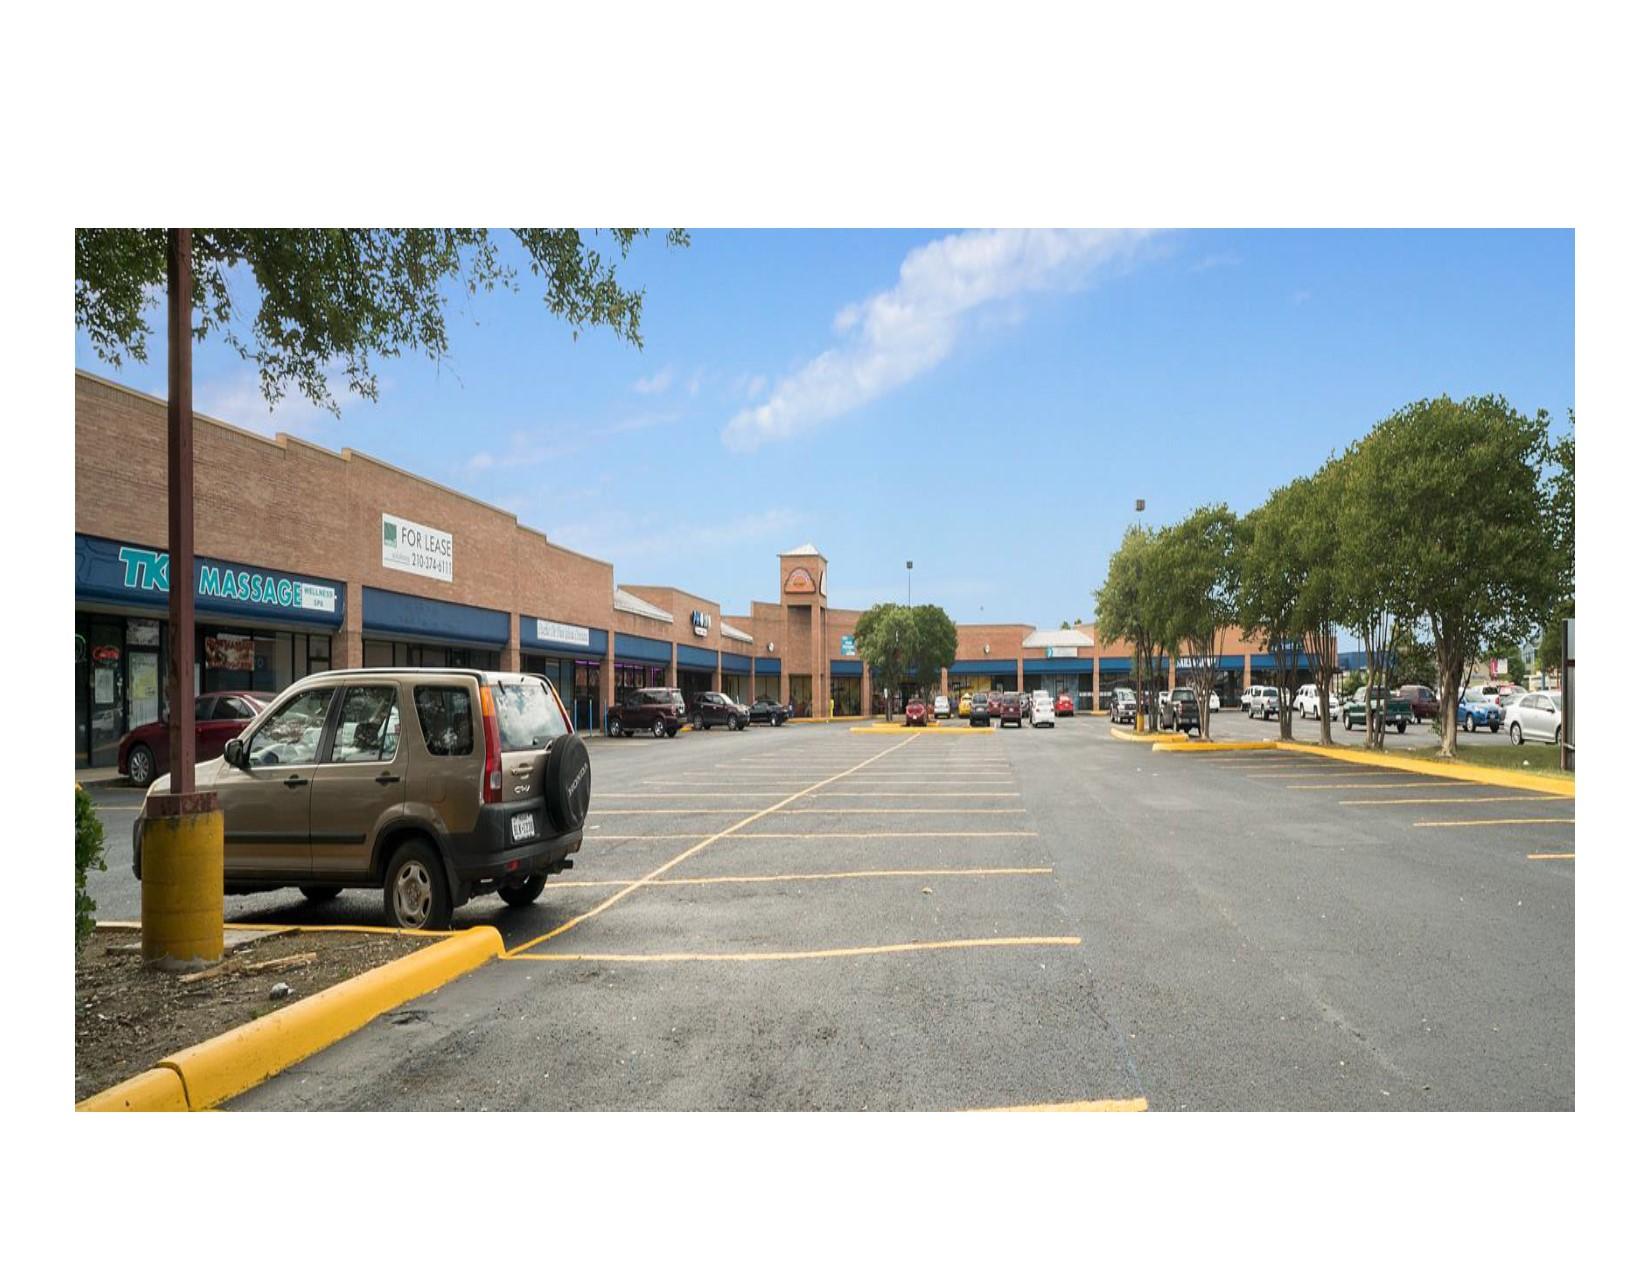 7914 Culebra Parking TKO Massage RJ